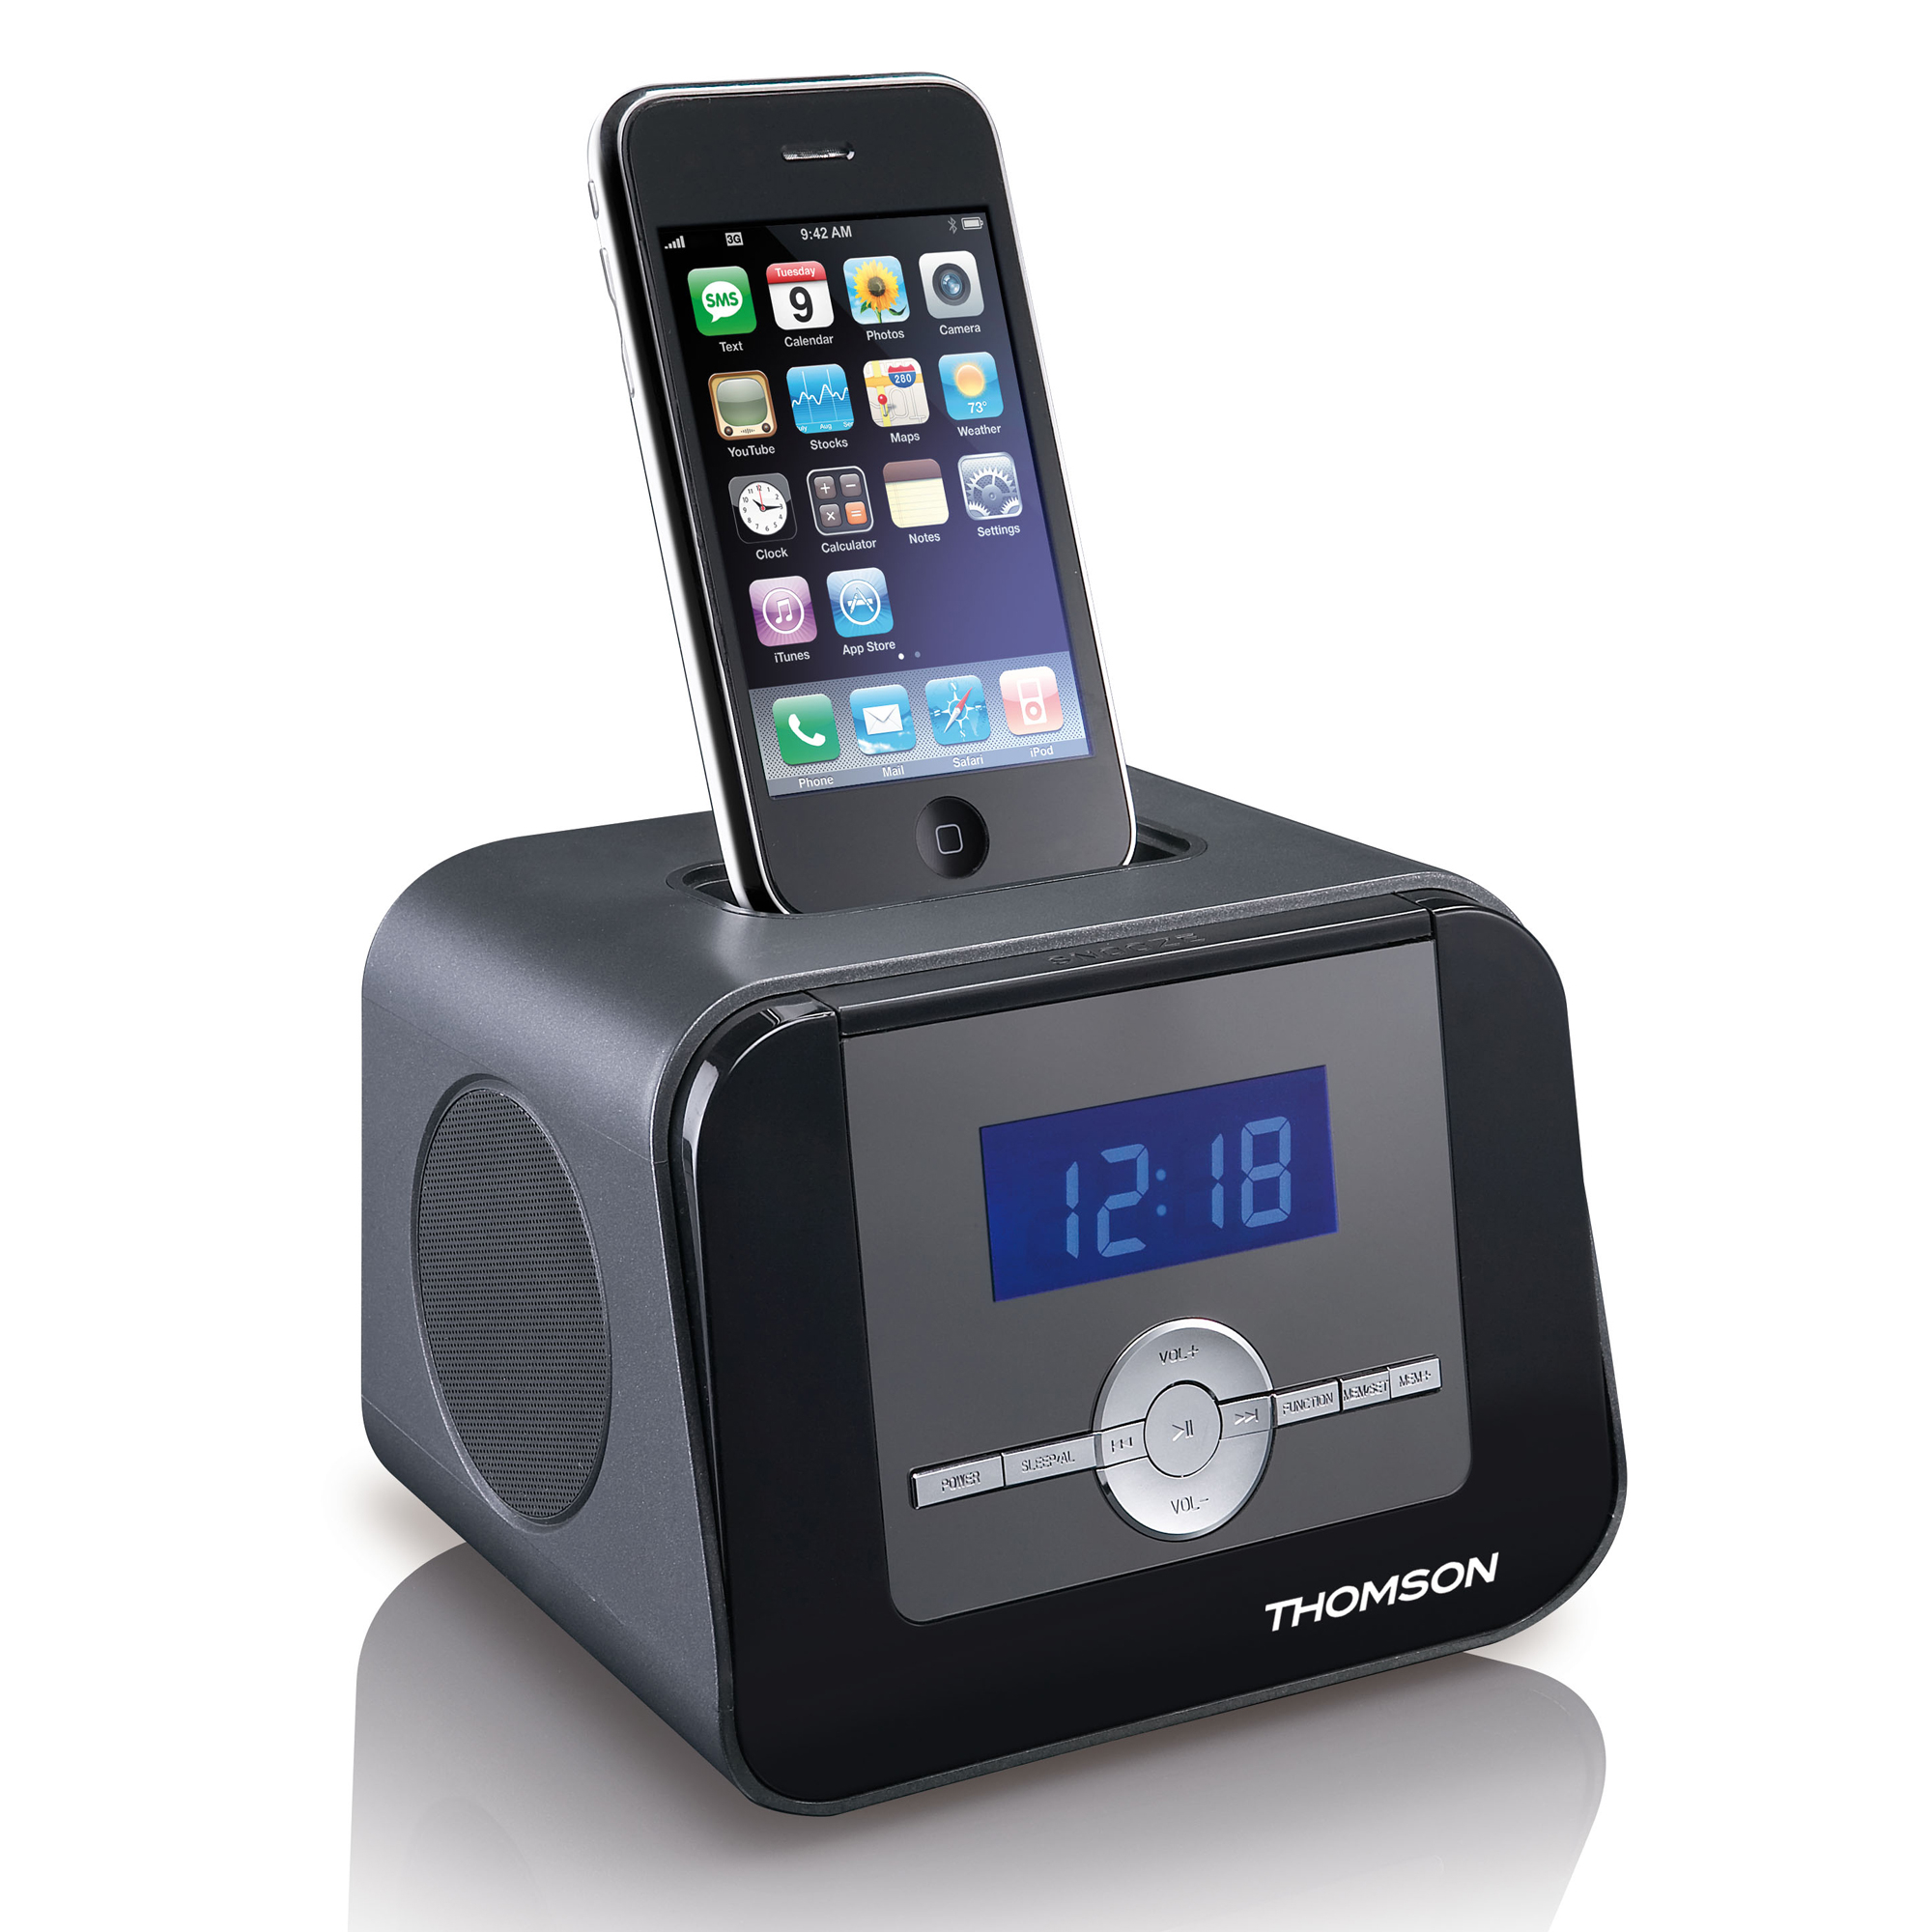 radio r veil thomson cr308i frais de traitement de commande offerts acheter ce produit au. Black Bedroom Furniture Sets. Home Design Ideas